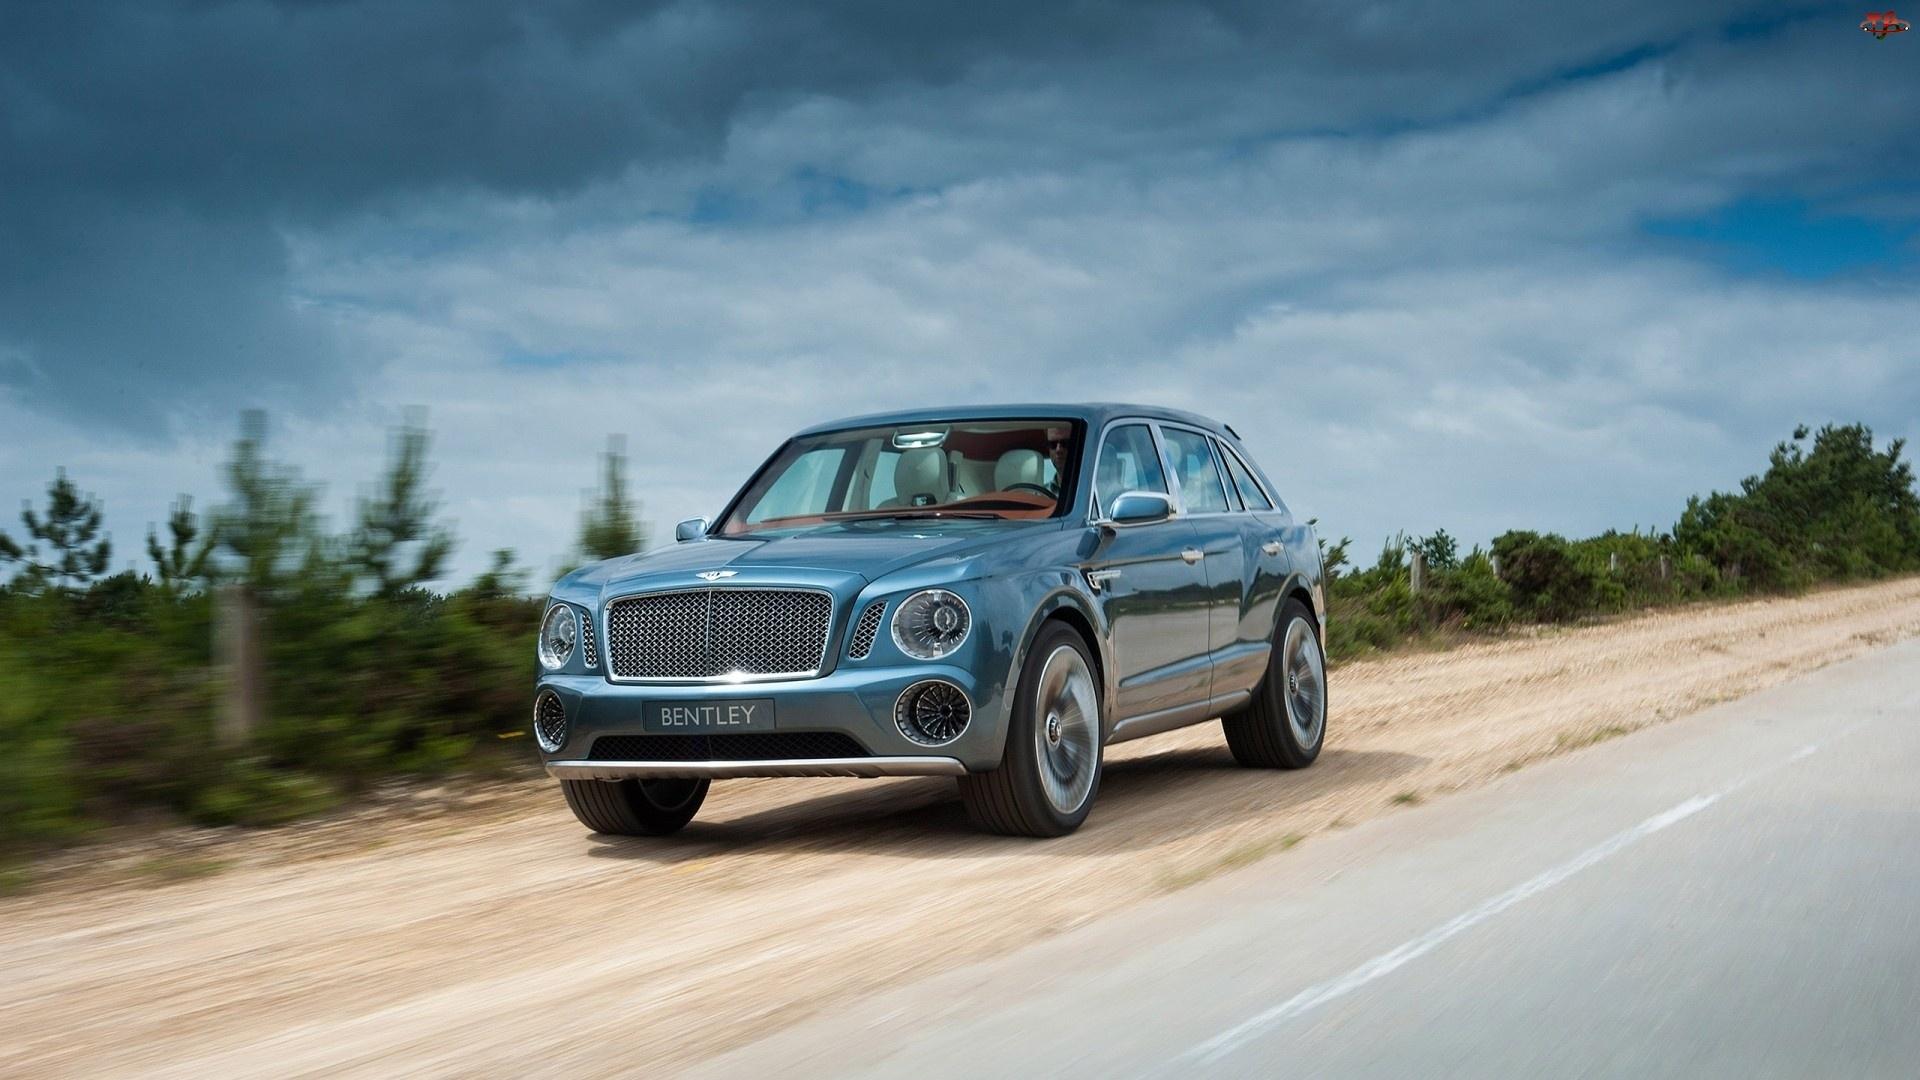 Samochód, Droga, Bentley, Suv Exp 9f